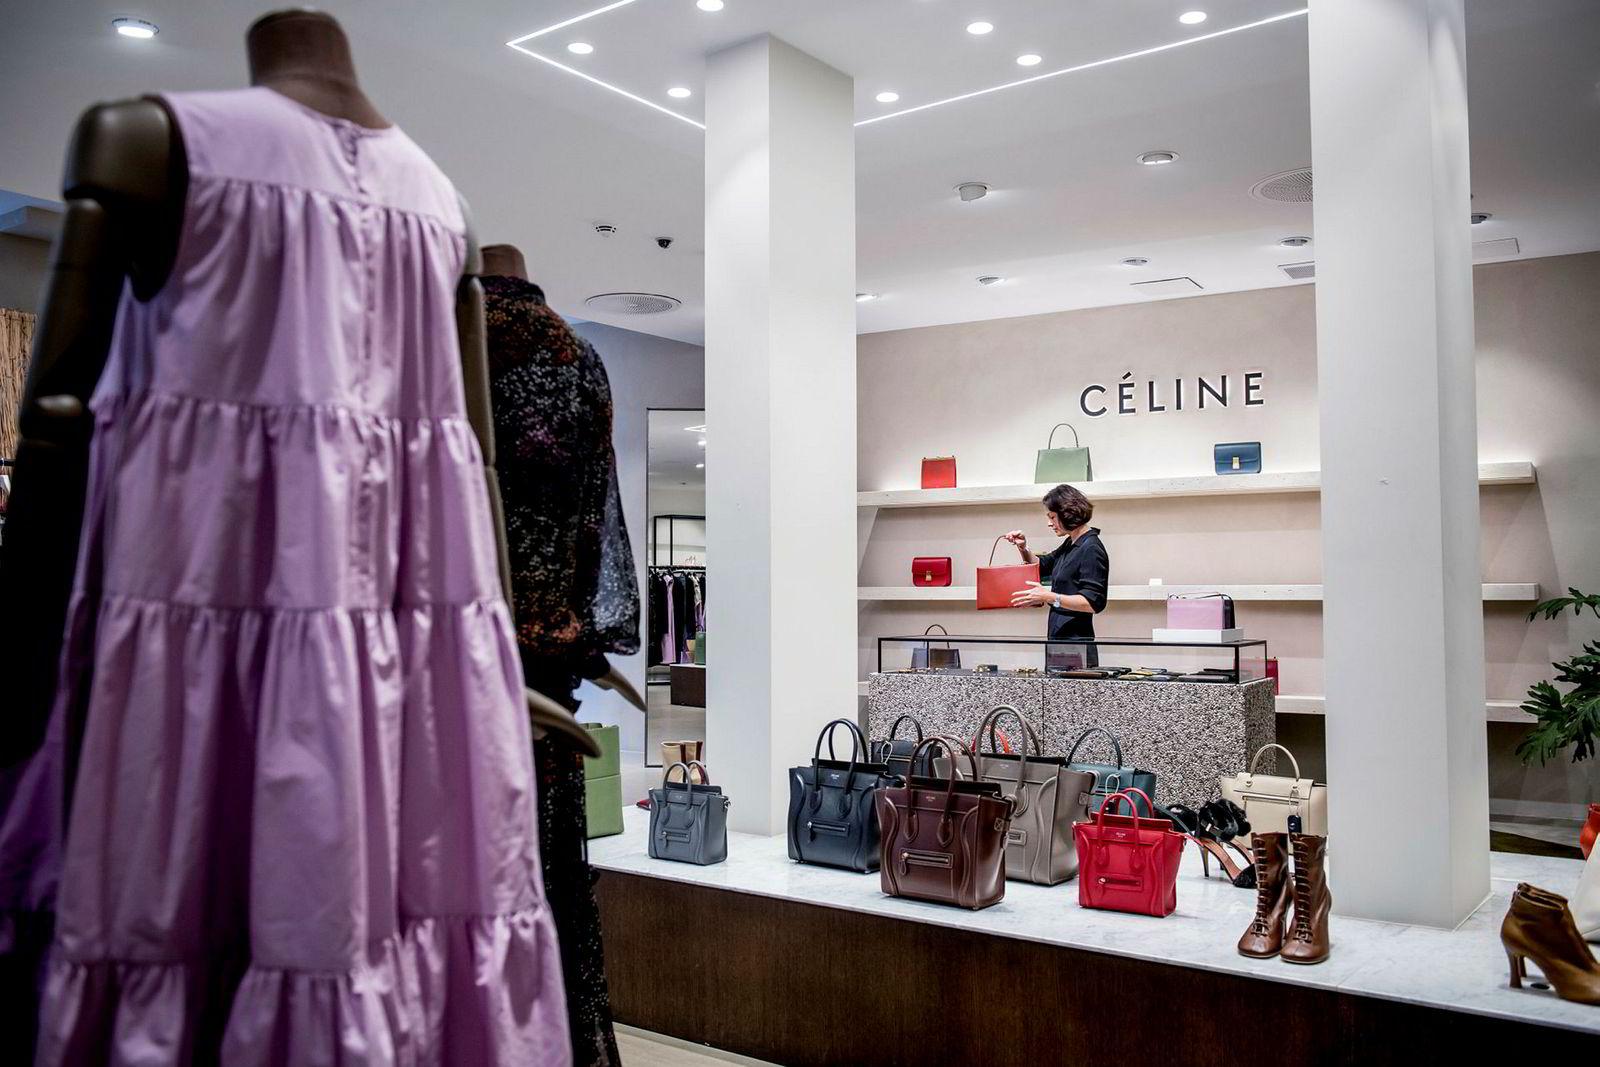 Butikksjef Silje Chantel Johnsen i Vincci forteller at de opplever et økende behov for å ha varer på nett. Her med vesker av merket Céline som har restriksjoner for nettsalg.